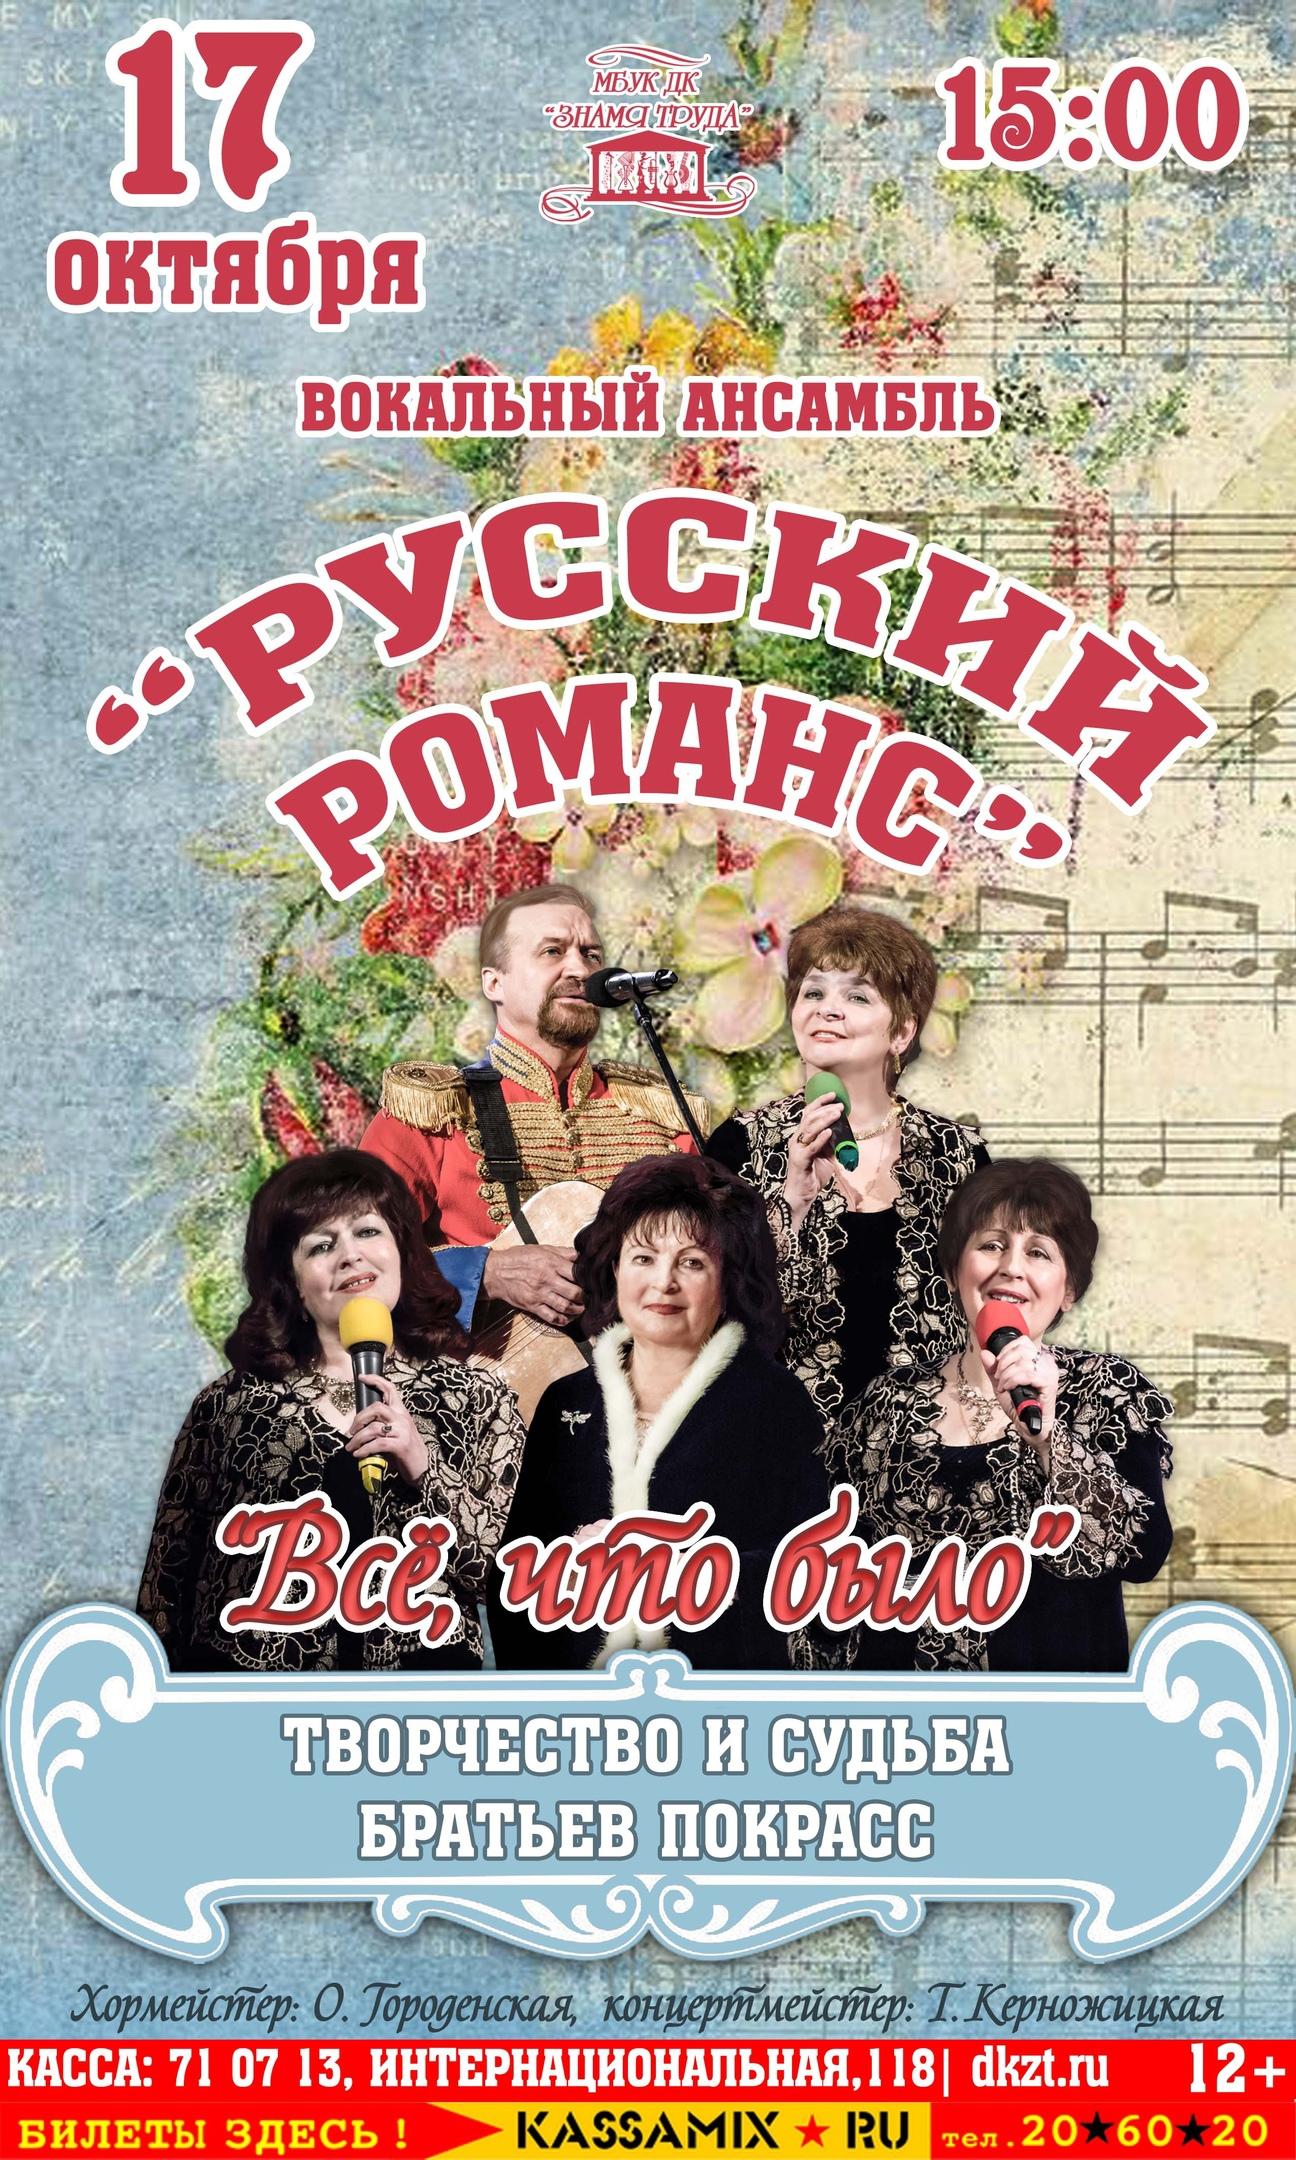 Афиша многочисленных тамбовских концертов